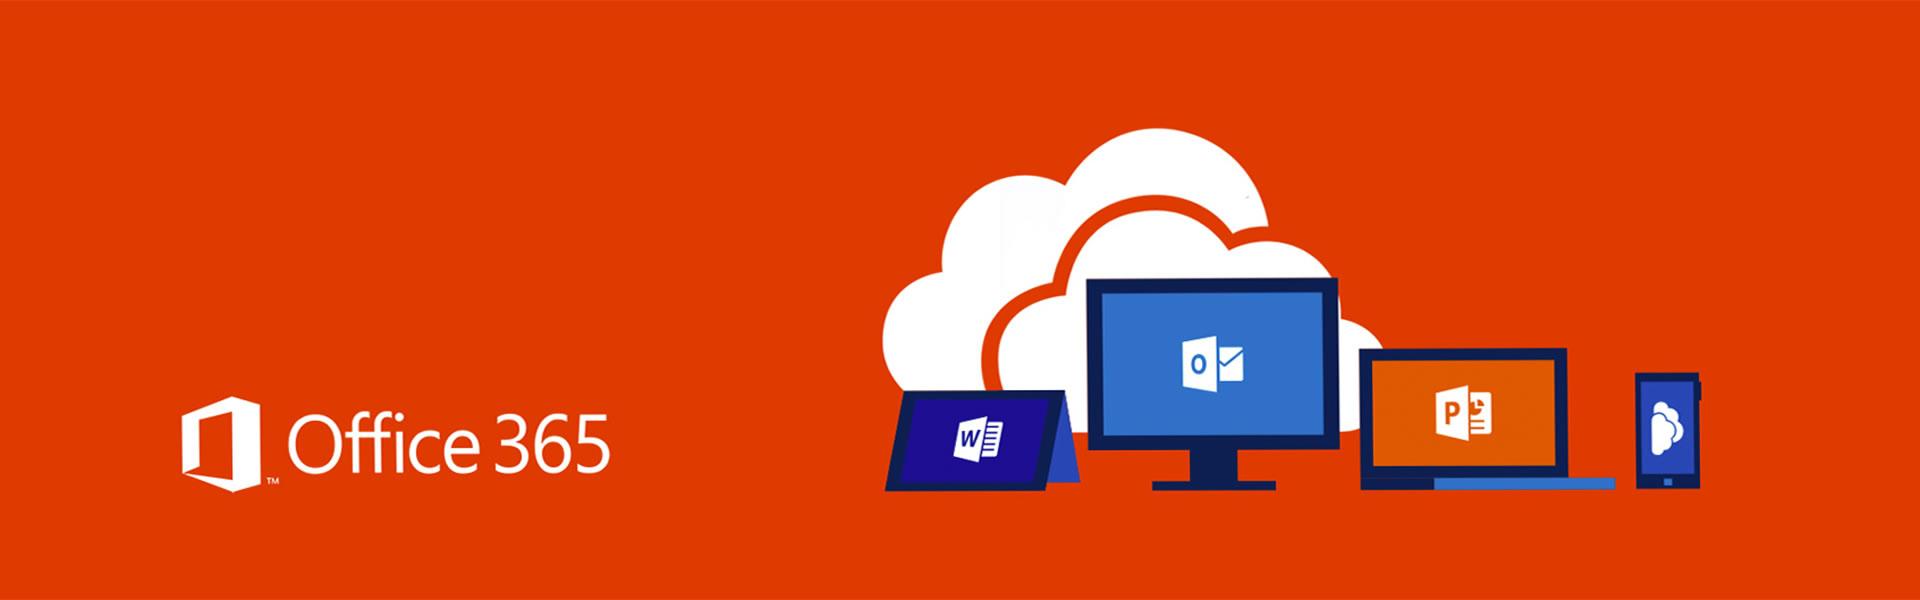 Office 365 - Venta de licencias - Grupo DECO - Distribuidor Autorizado